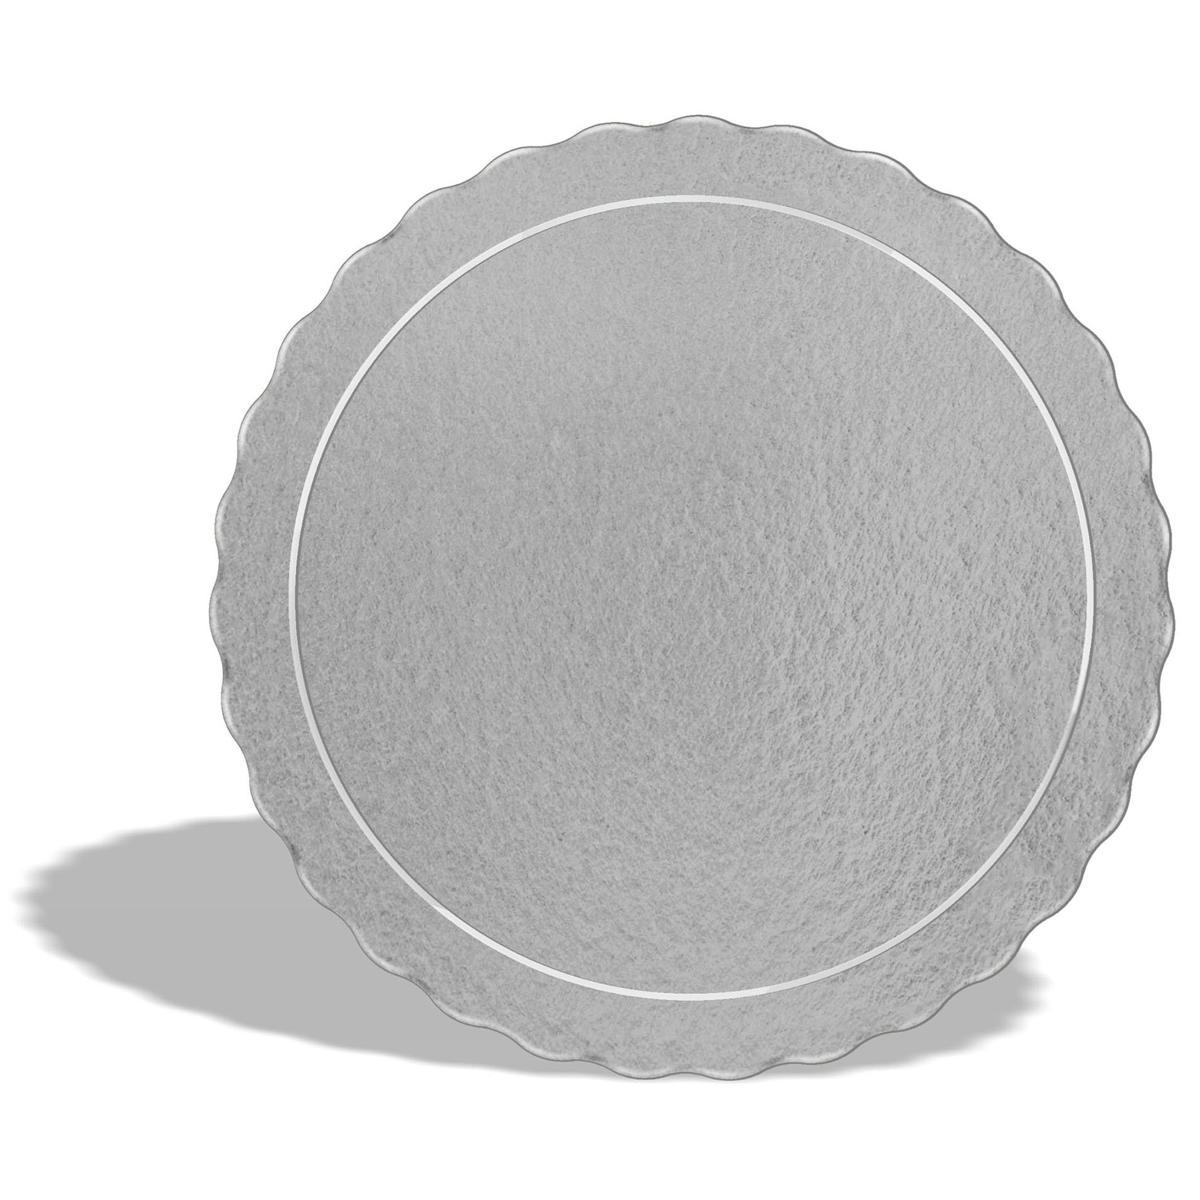 100 Bases Laminadas Para Bolo Redondo, Cake Board 38cm - Prata